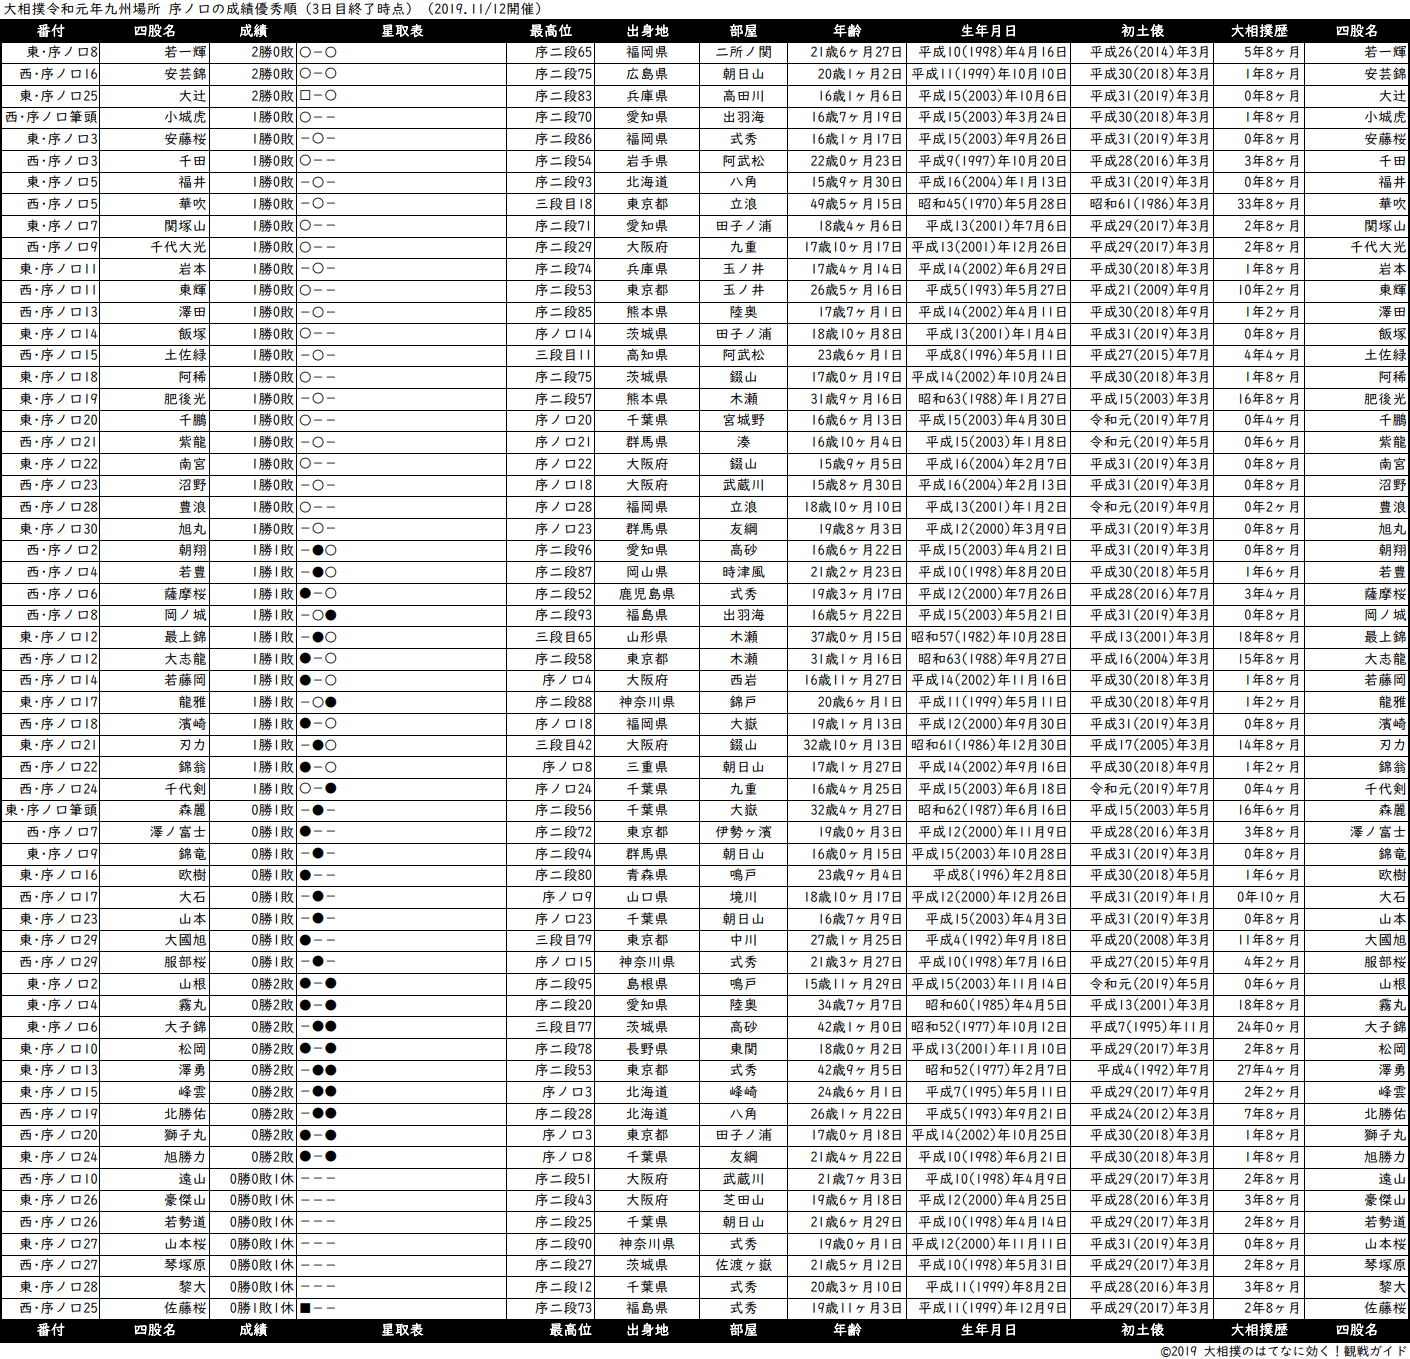 序ノ口成績順一覧表・2019年11月場所3日目